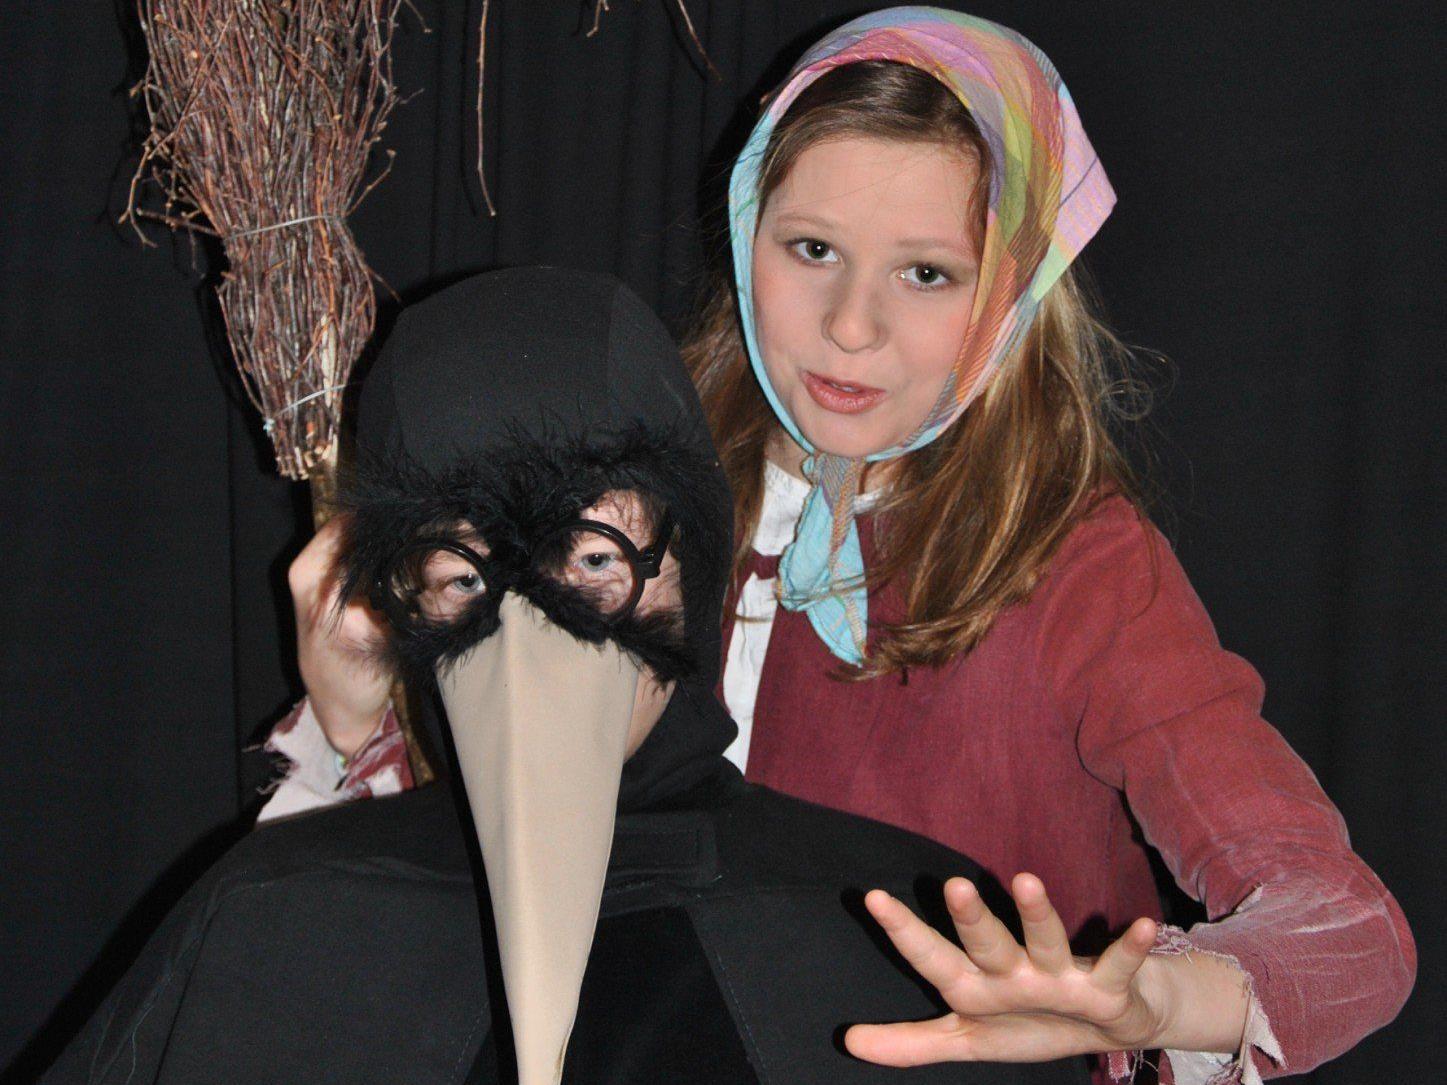 Mit der kleinen Hexe erleben die Zuschauer fliegende Besen, Schneemänner, die zum Leben erwachen und viele andere Hexereien